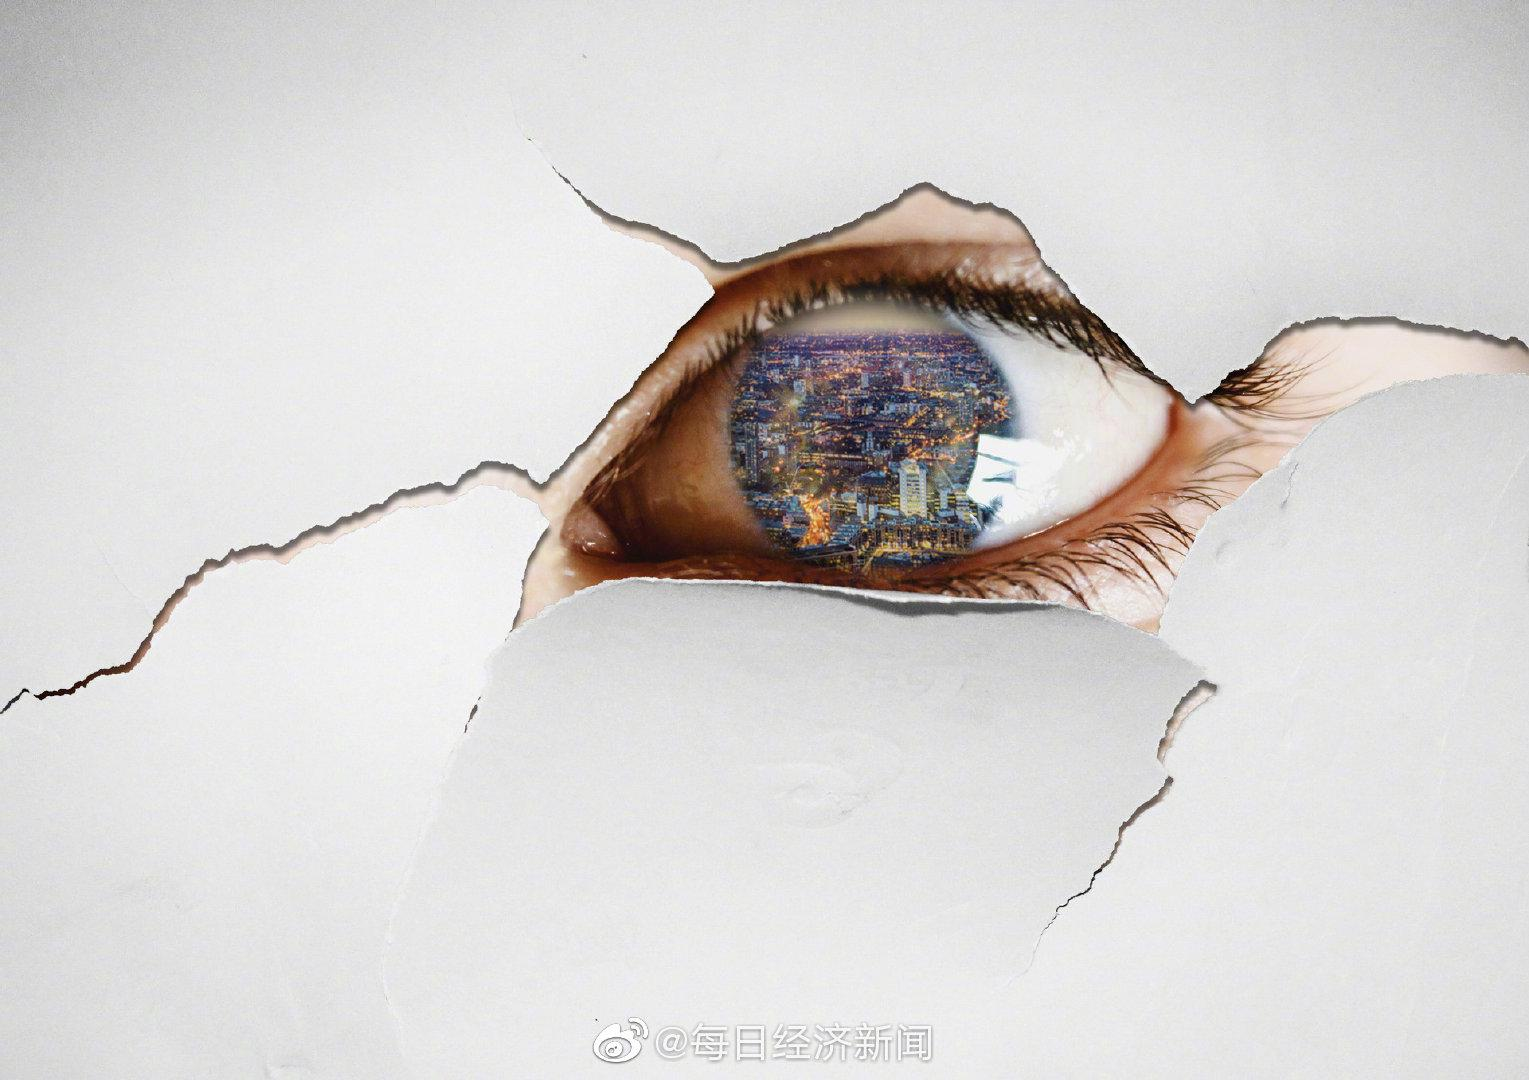 北京:本地危重症患者已清零 境外输入危重症患者还有3名